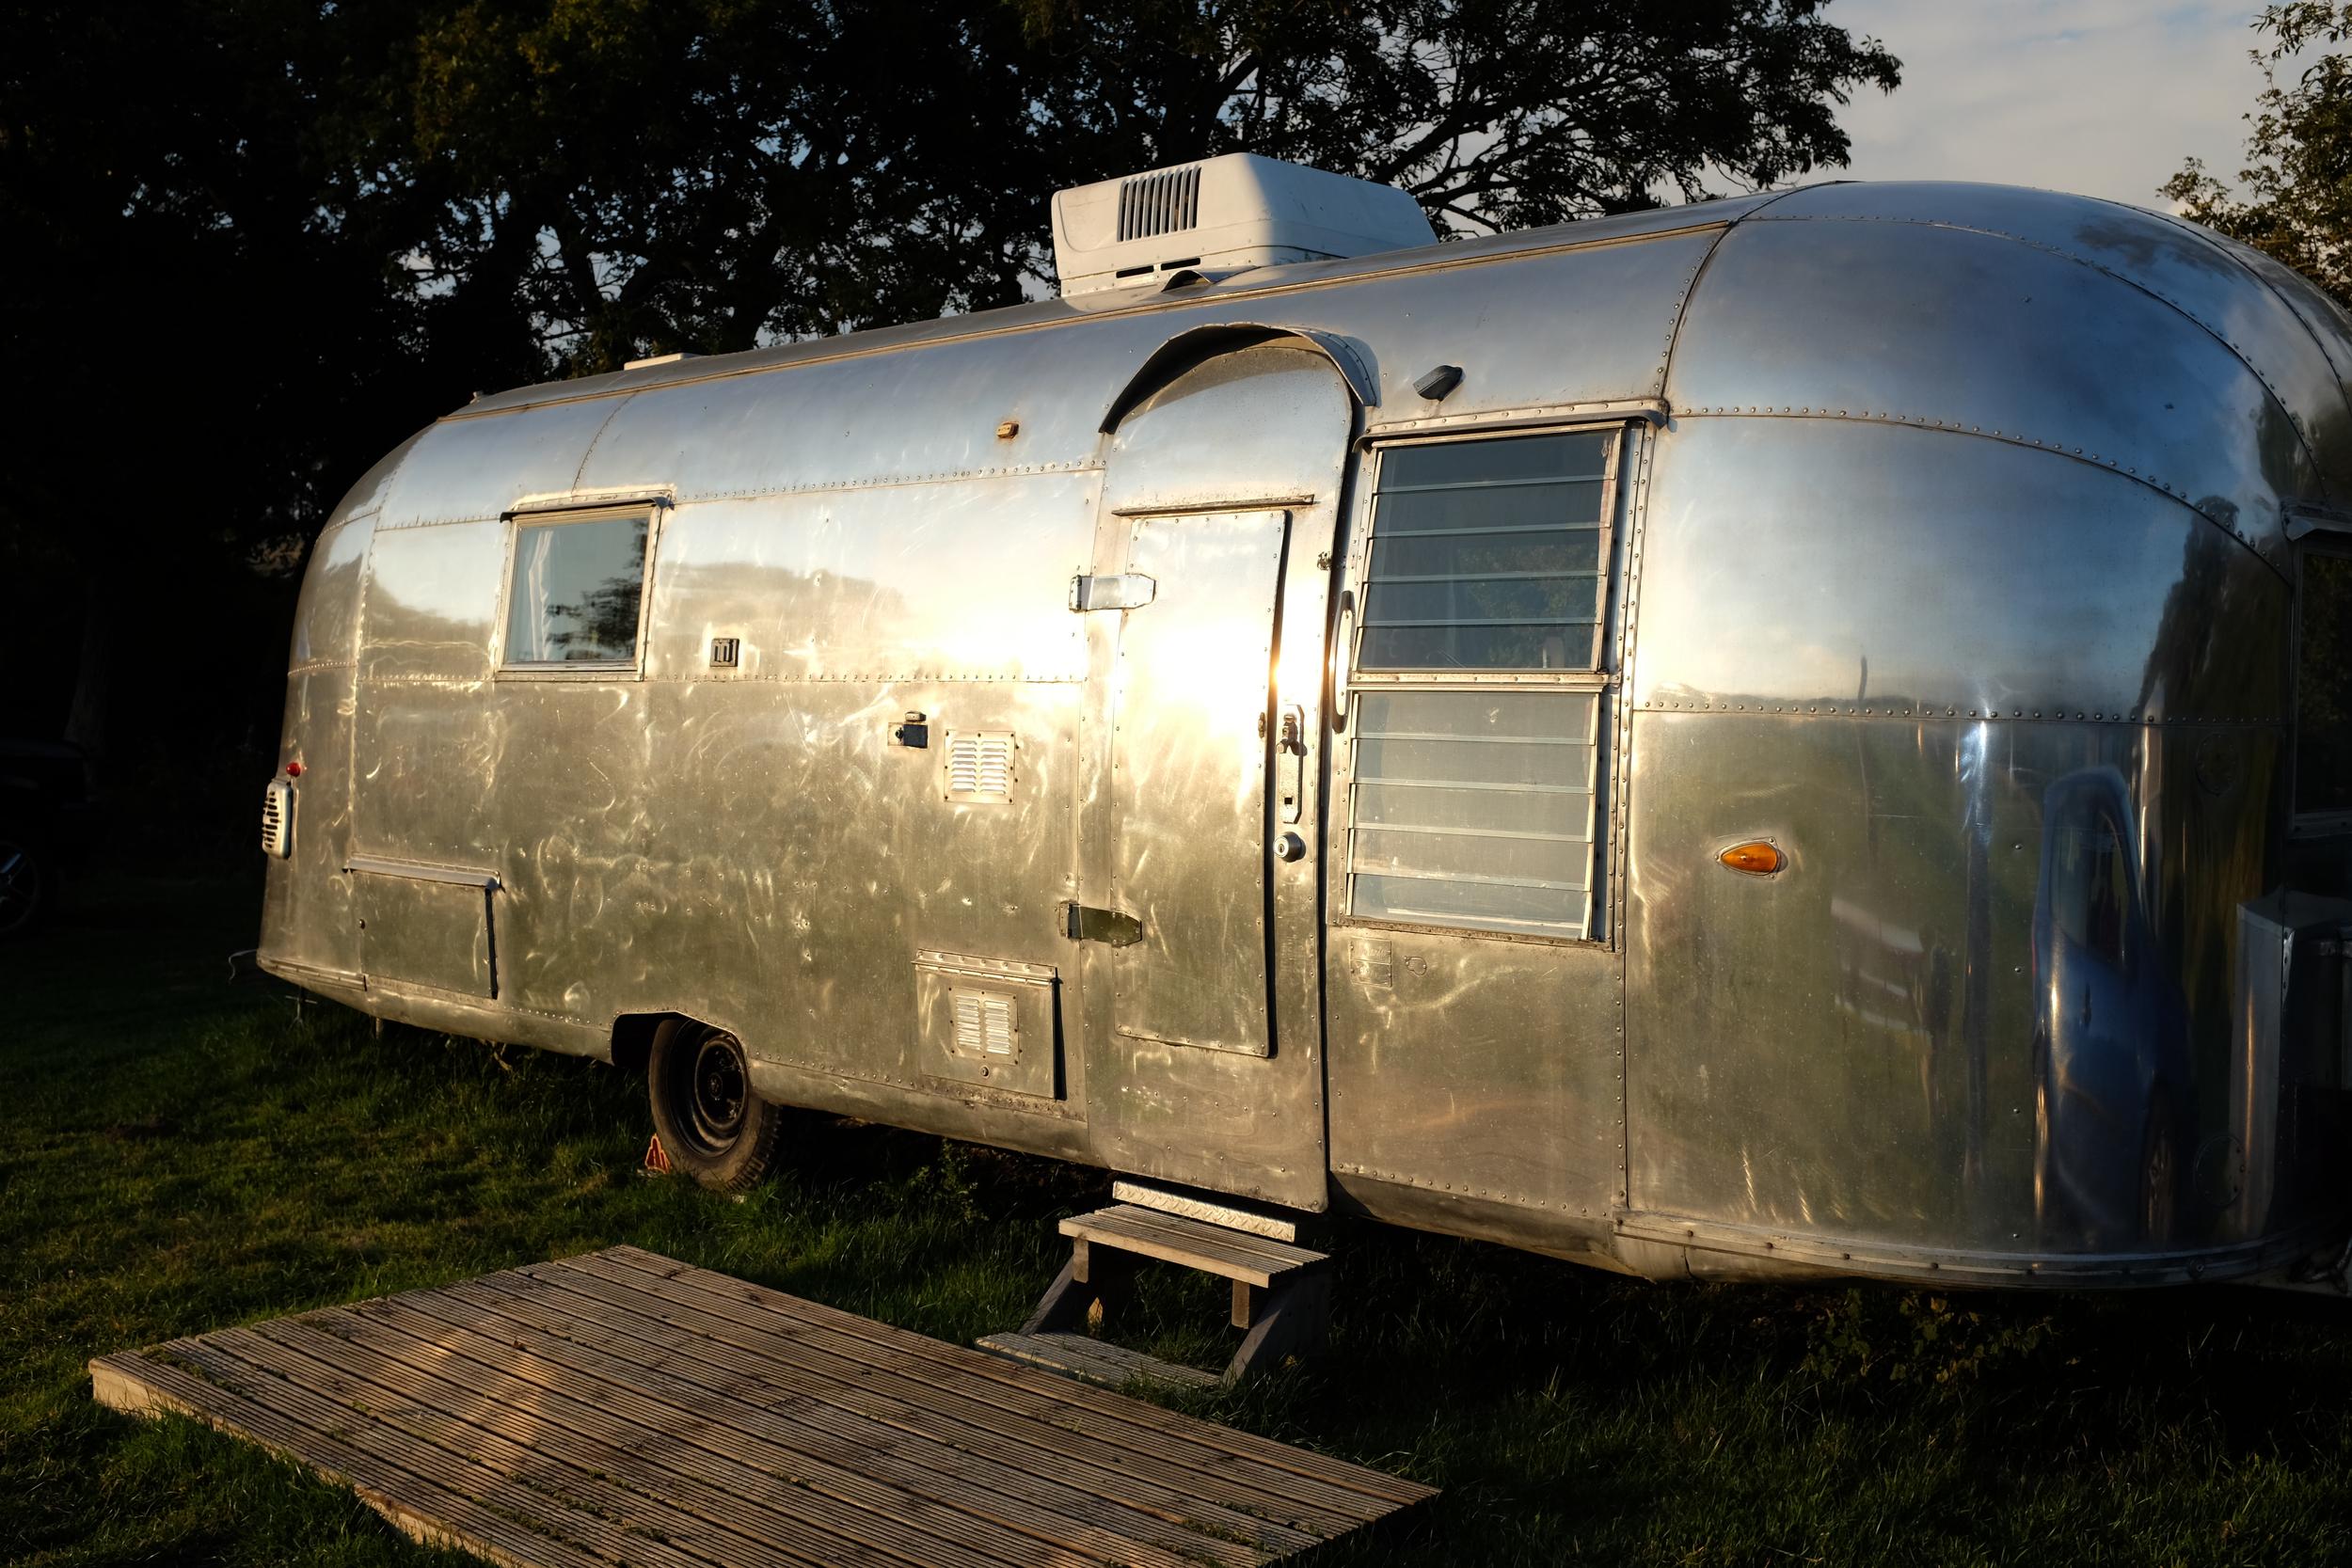 Vintage airstream caravan from Vintage Vacations